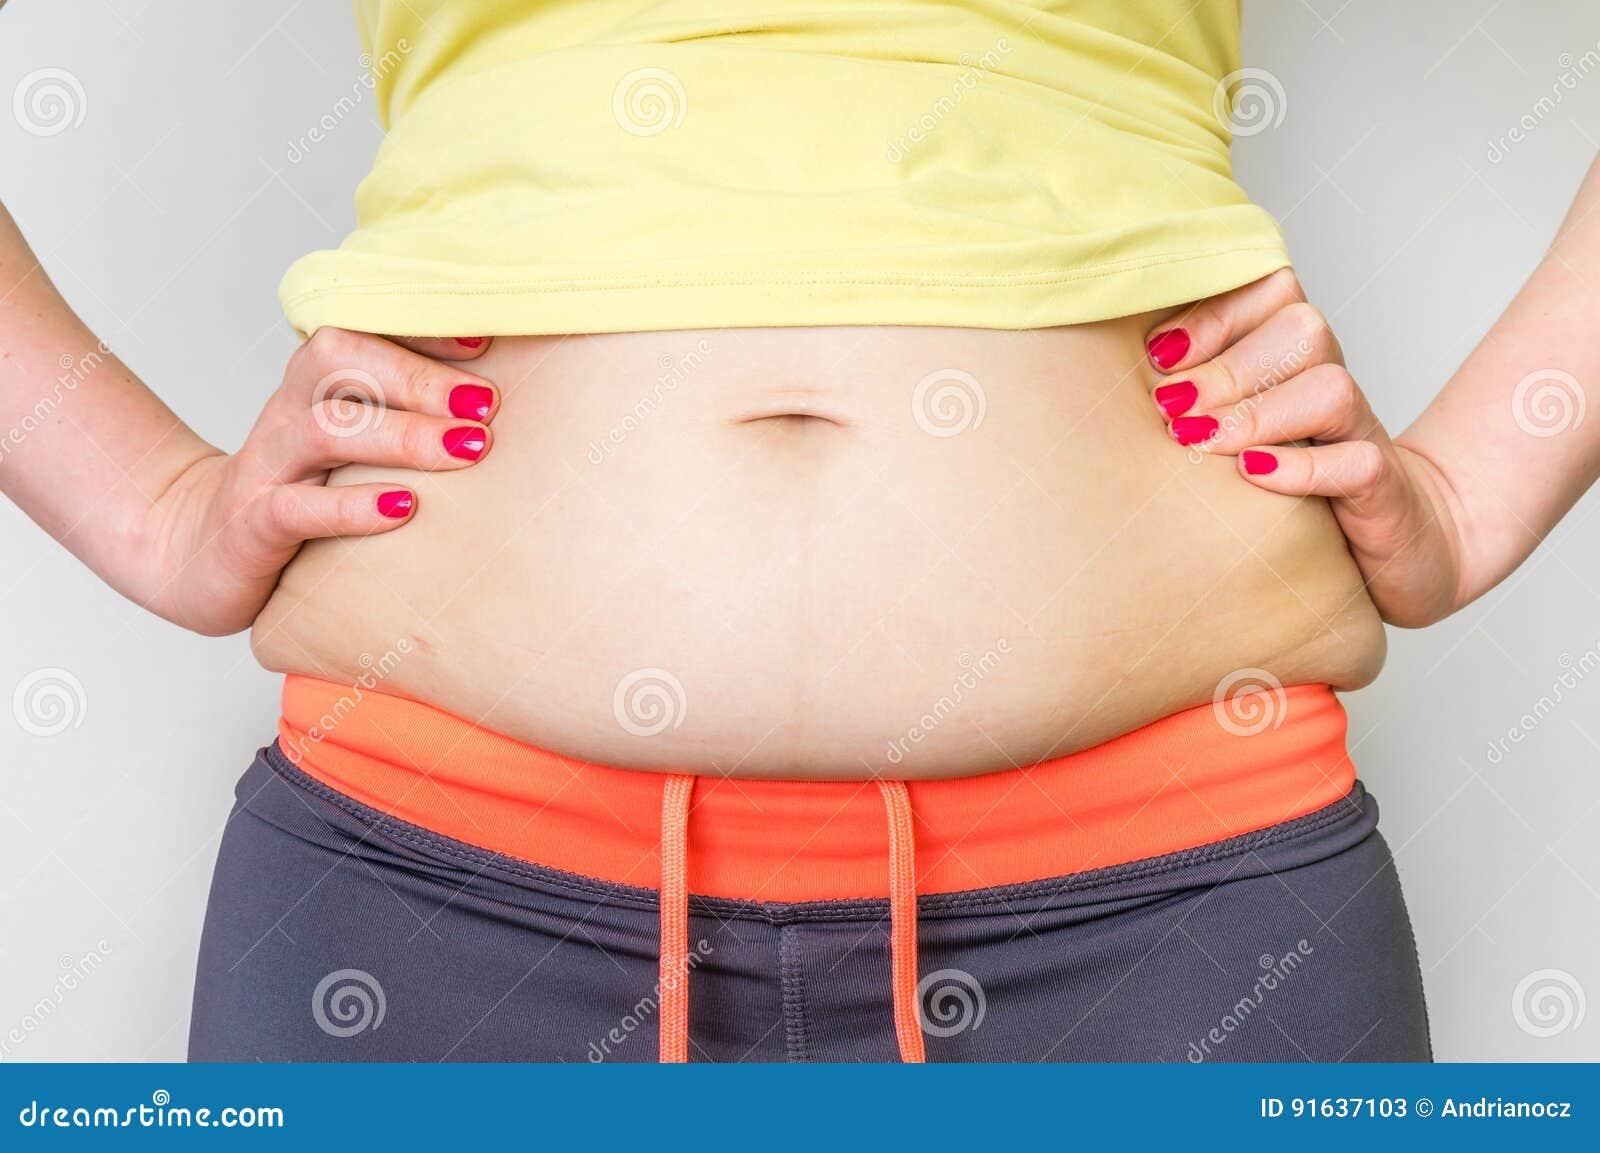 Überladener Frauenkörper mit Fett auf Hüften - Korpulenzkonzept